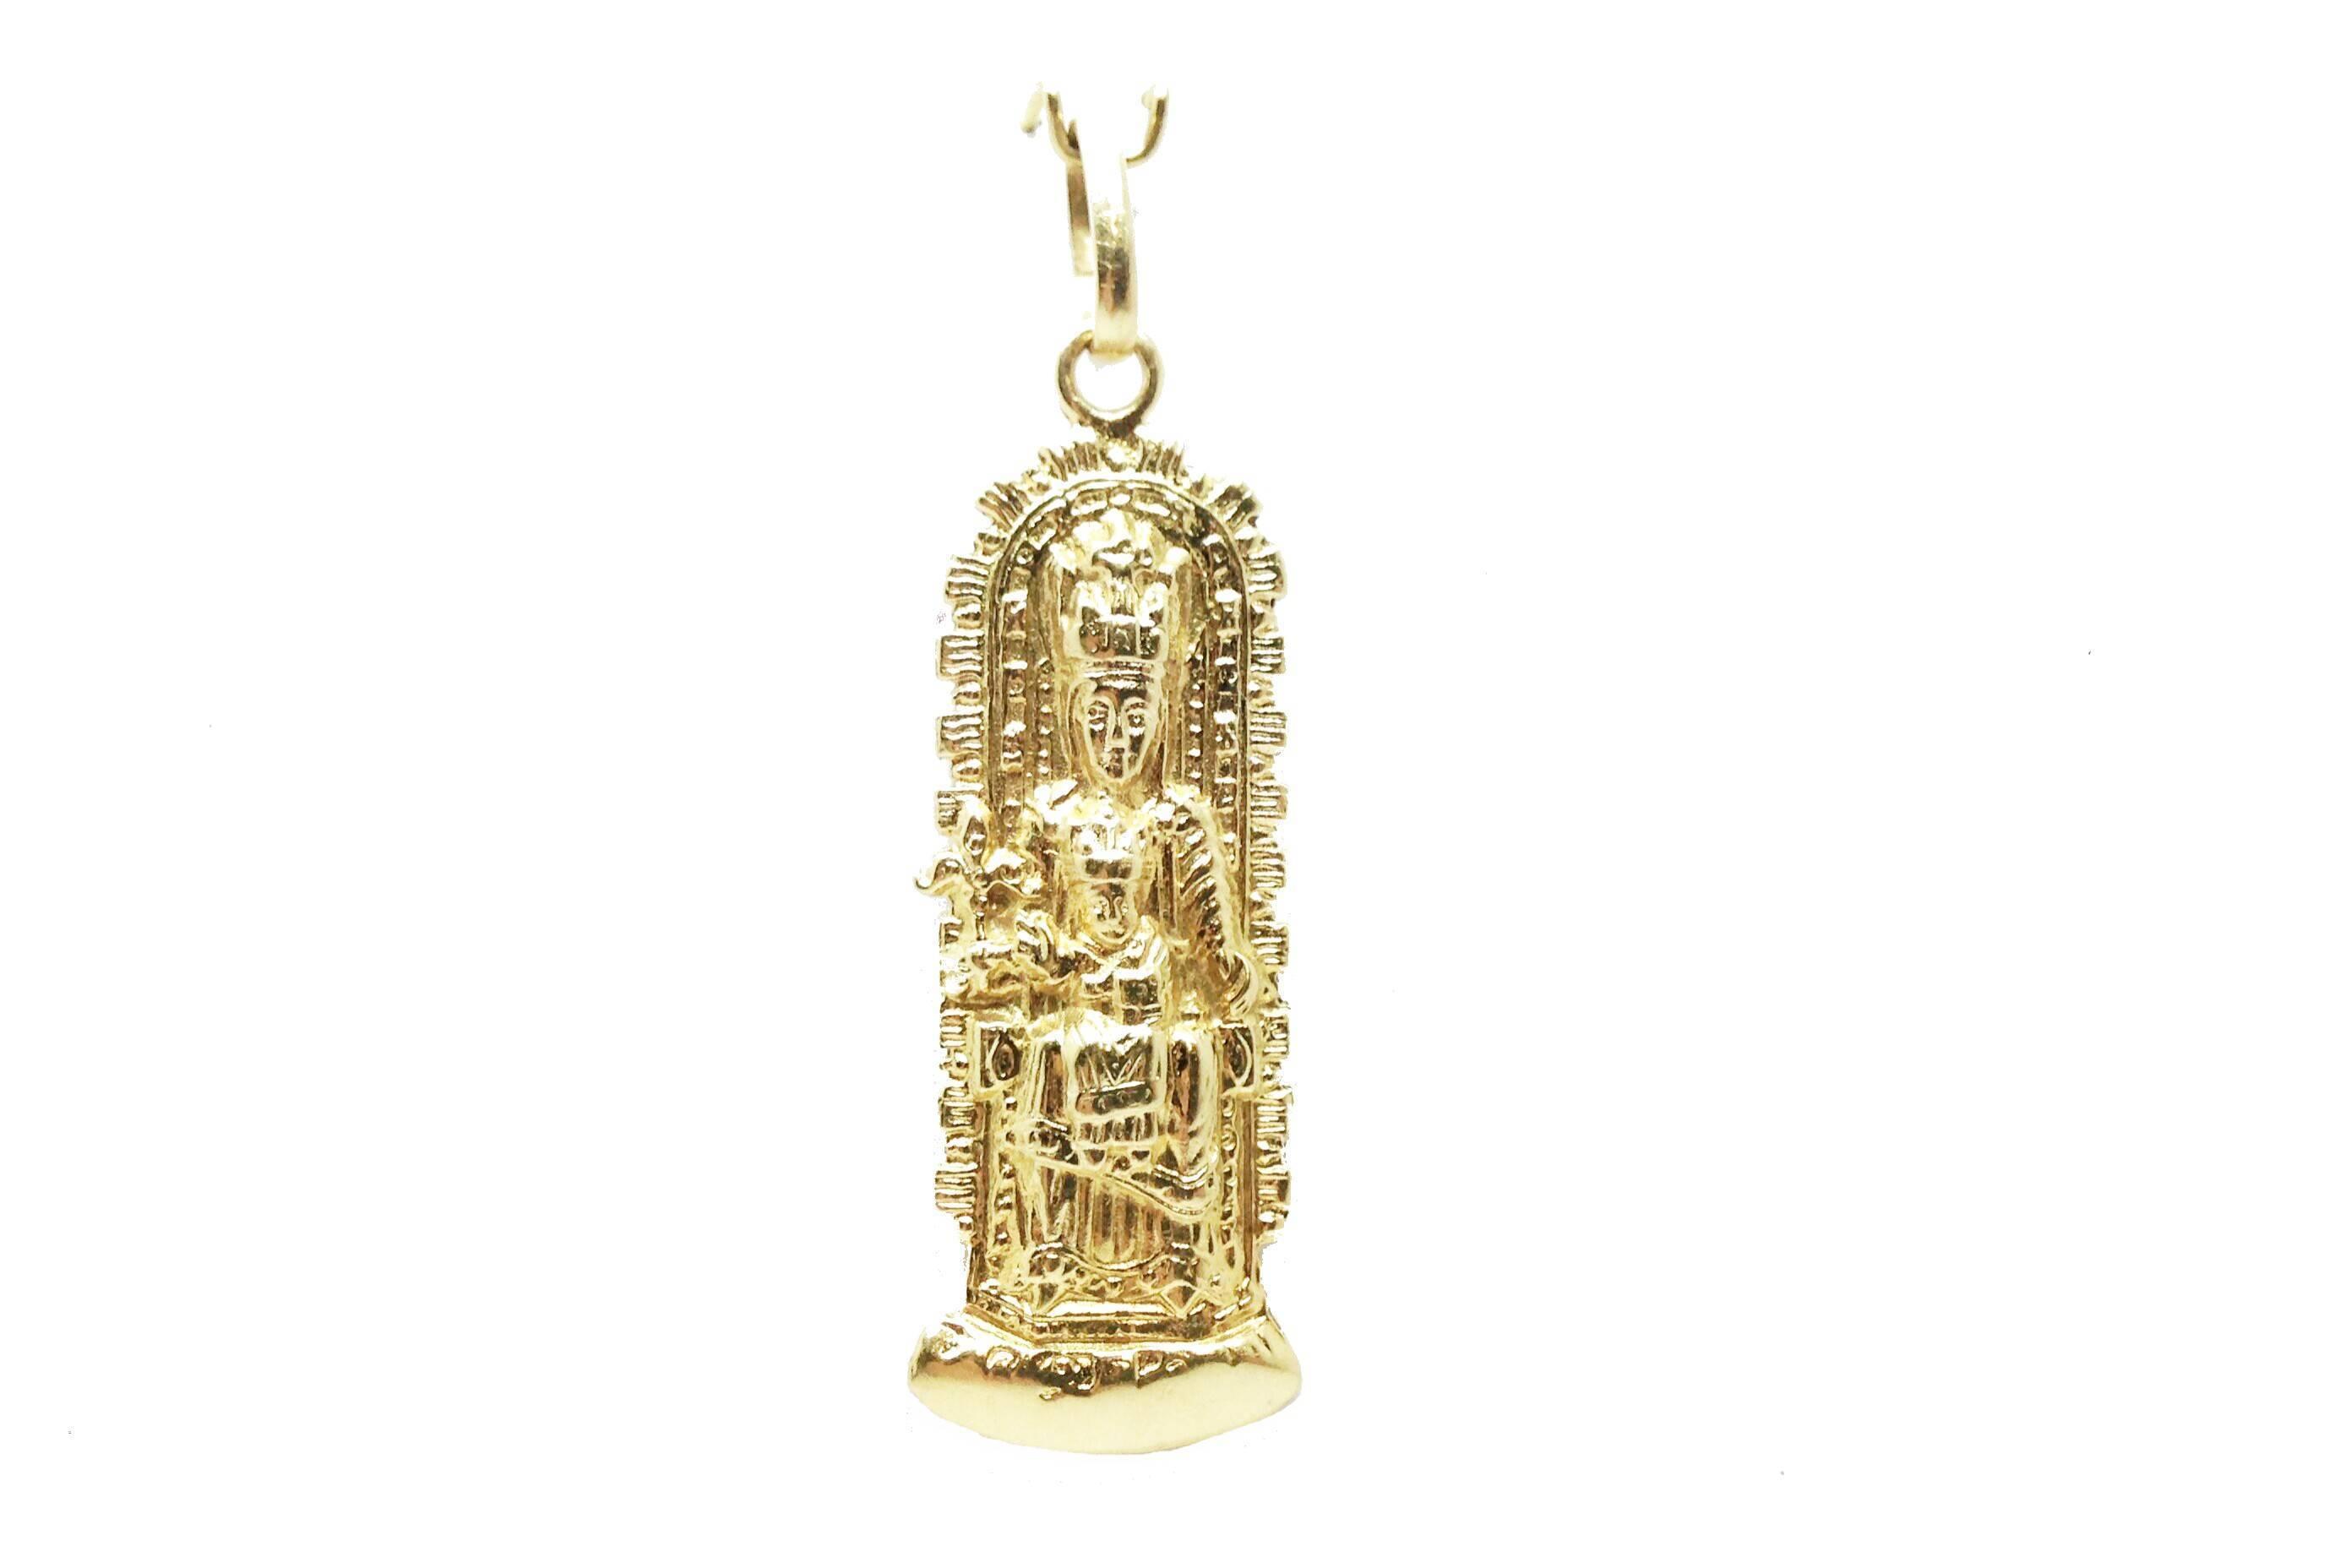 21cd14257f1f Colgante de oro medalla de oro virgen de ujue Joyería Juan Luis Larráyoz  Pamplona joyería online